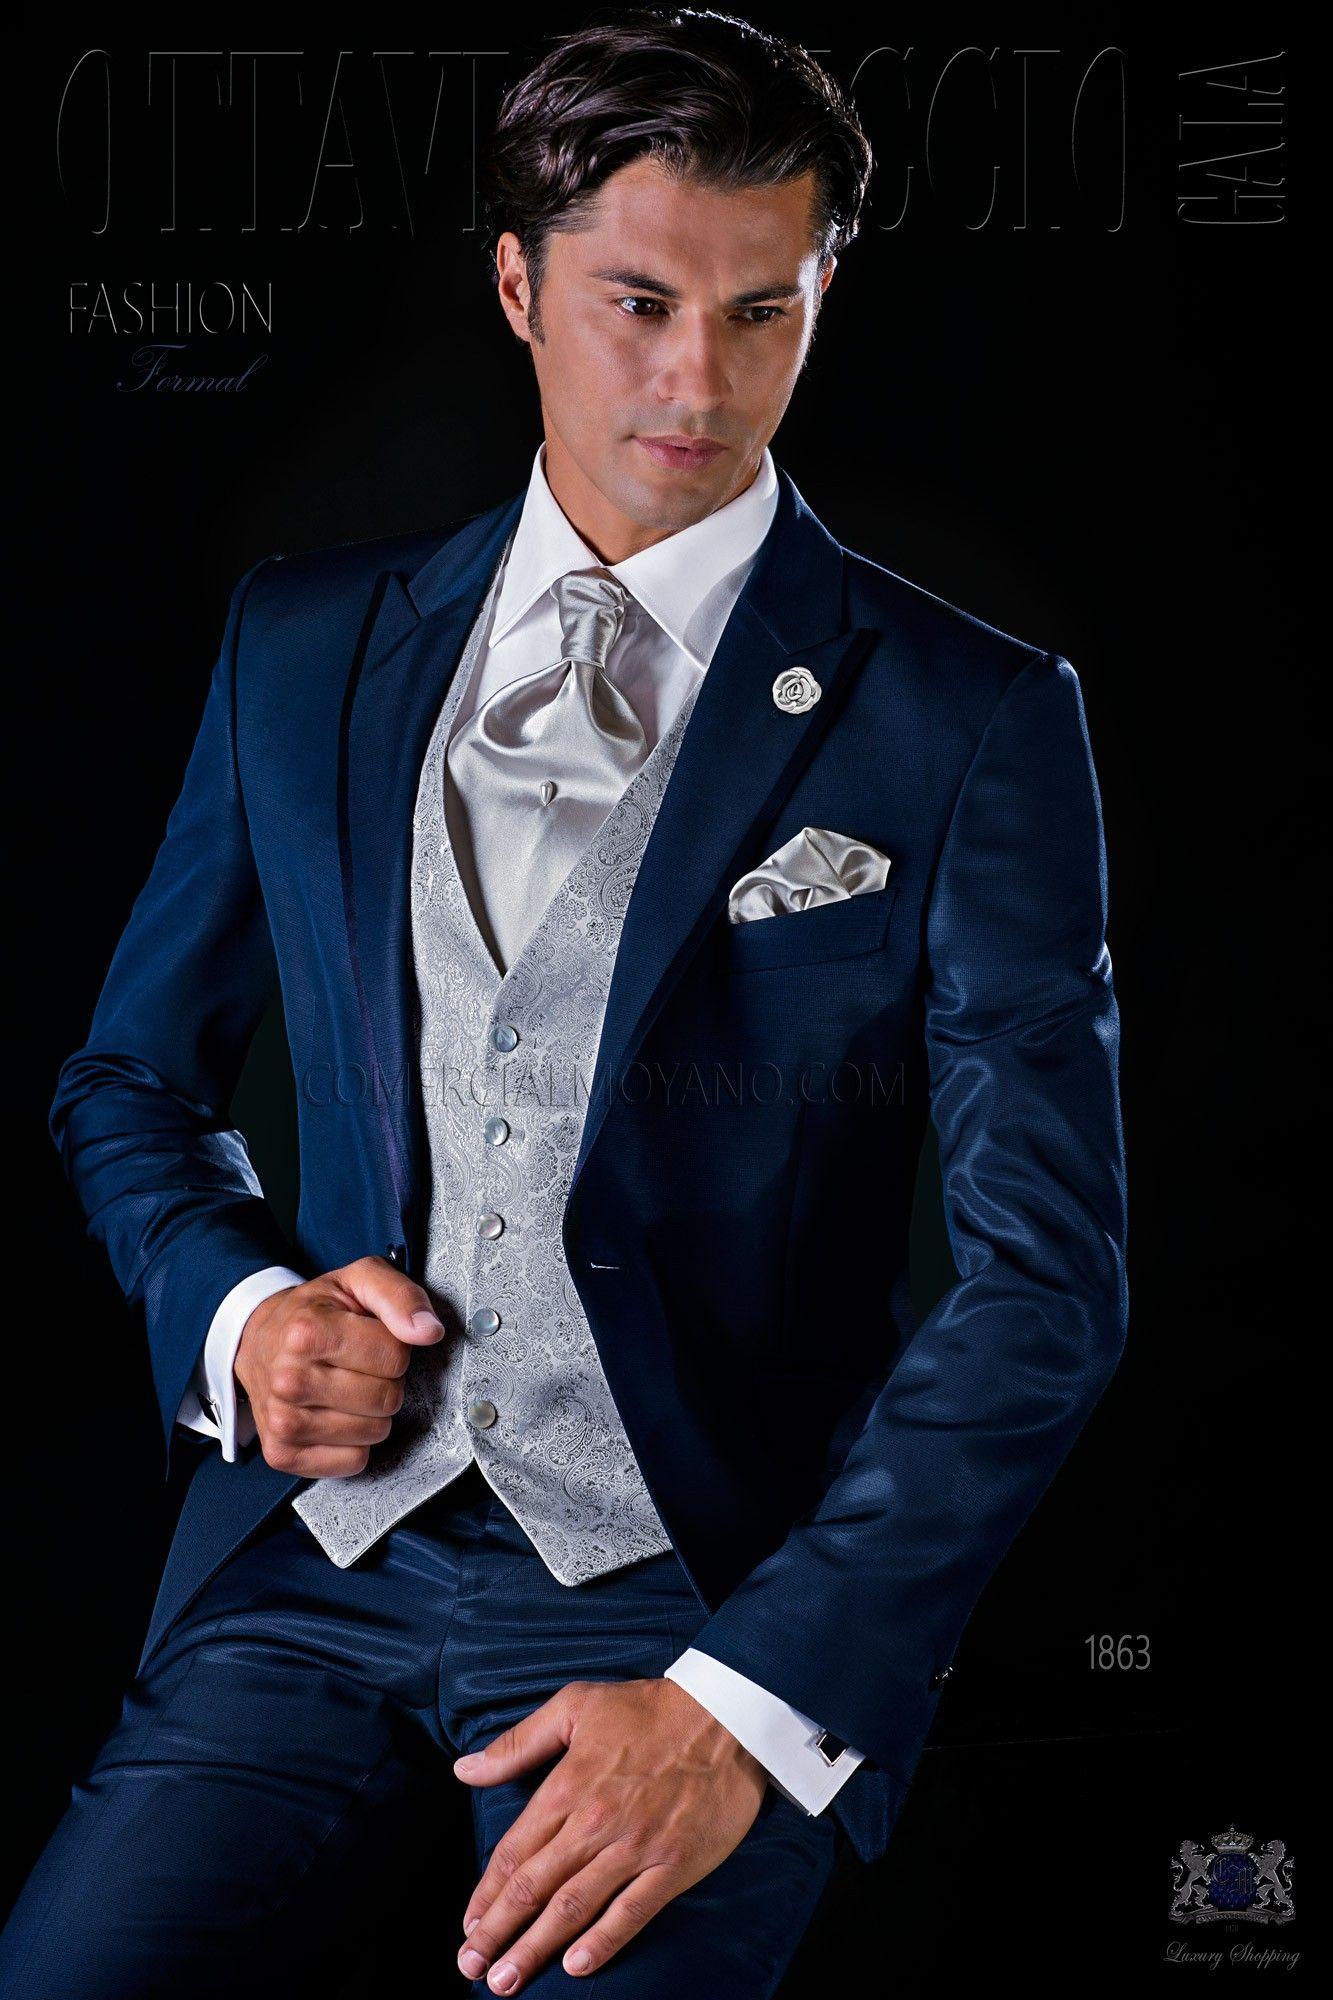 Hochzeitsanzug blaue Mikromuster | Bräutigam anzüge, Hochzeitsanzug ...